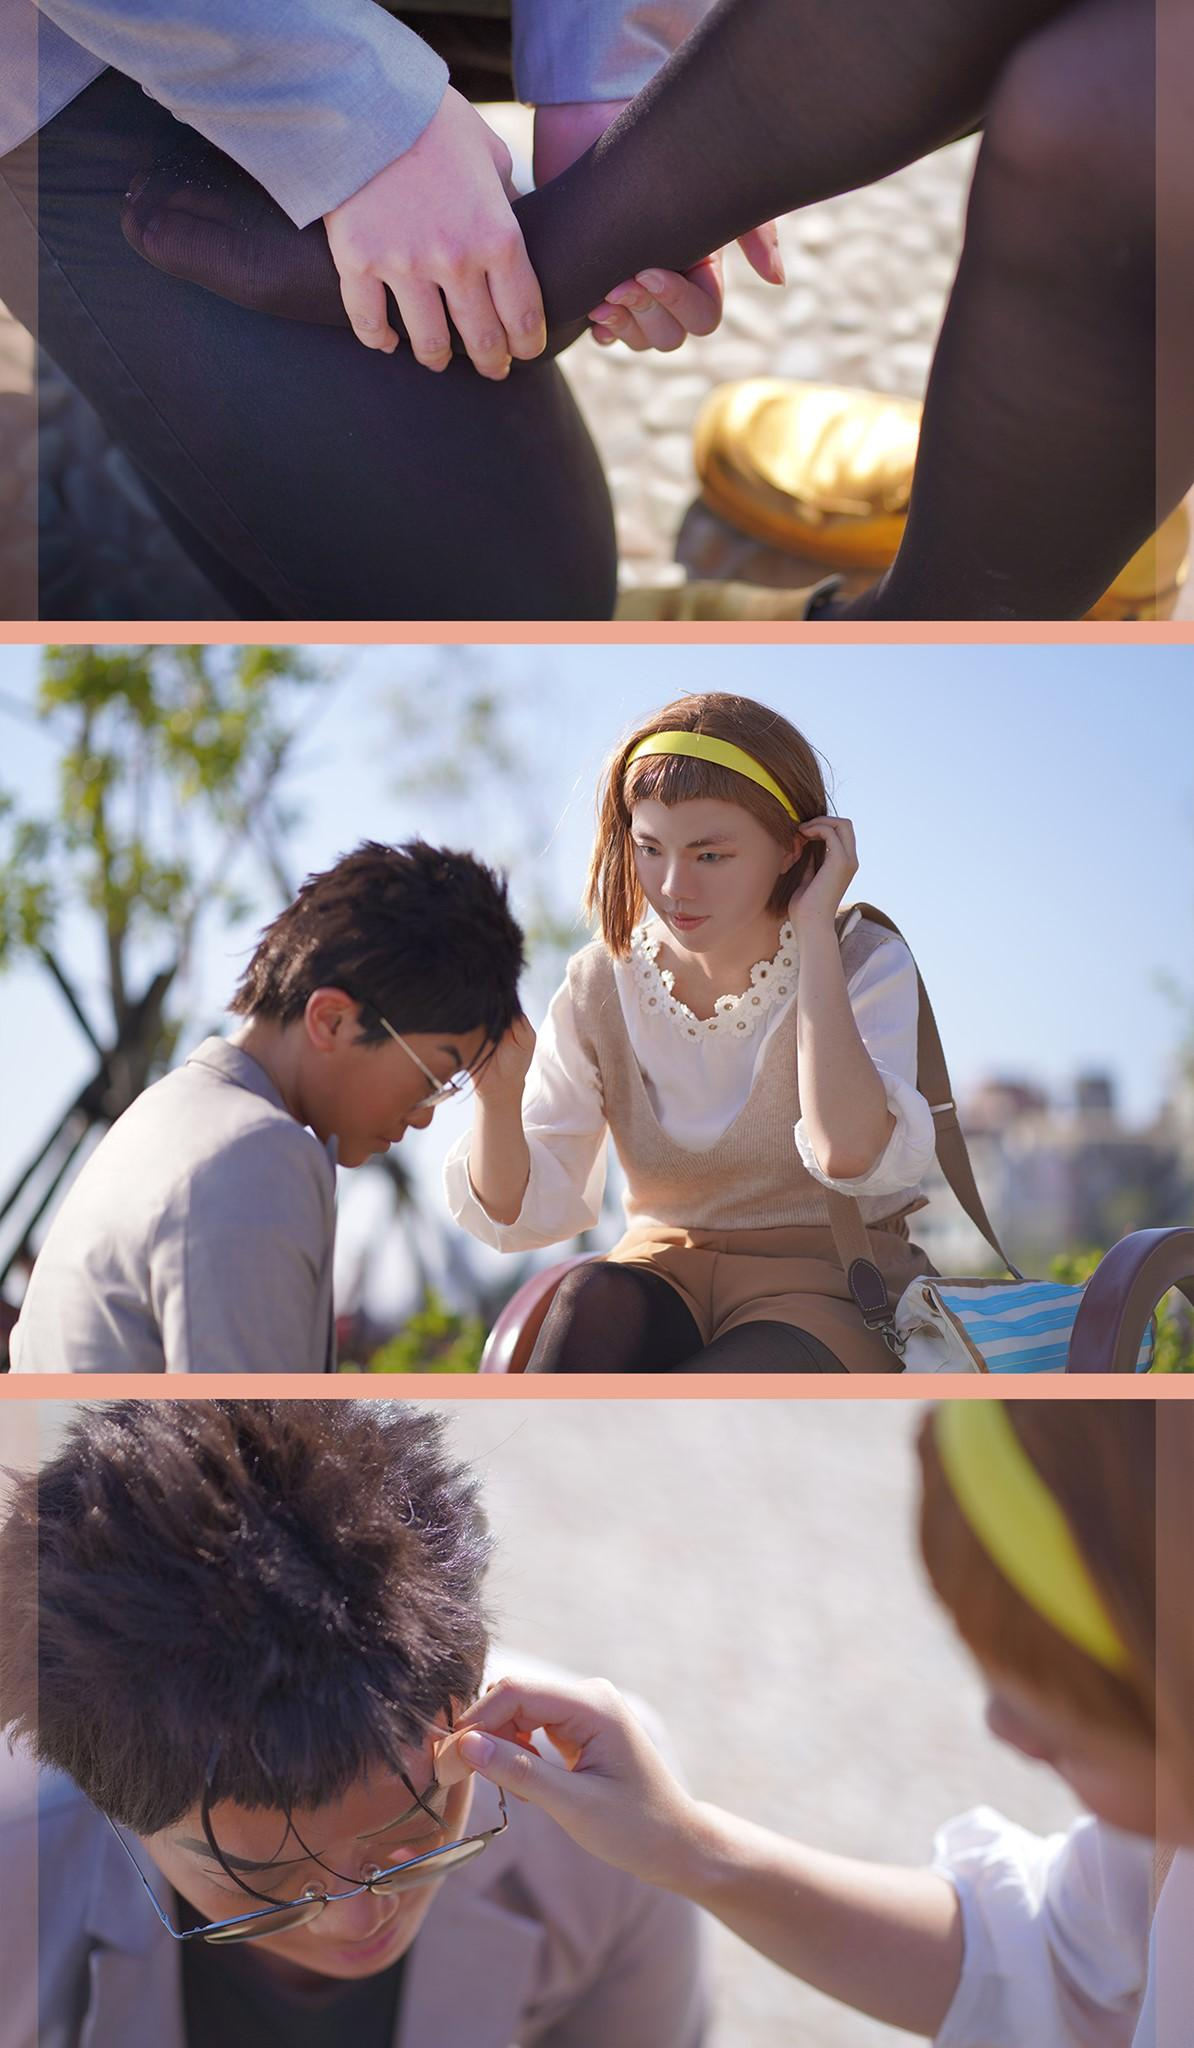 《名侦探柯南》正片cosplay【CN:婧爺_兇殘老人】 -万圣节cosplay服装图片插图